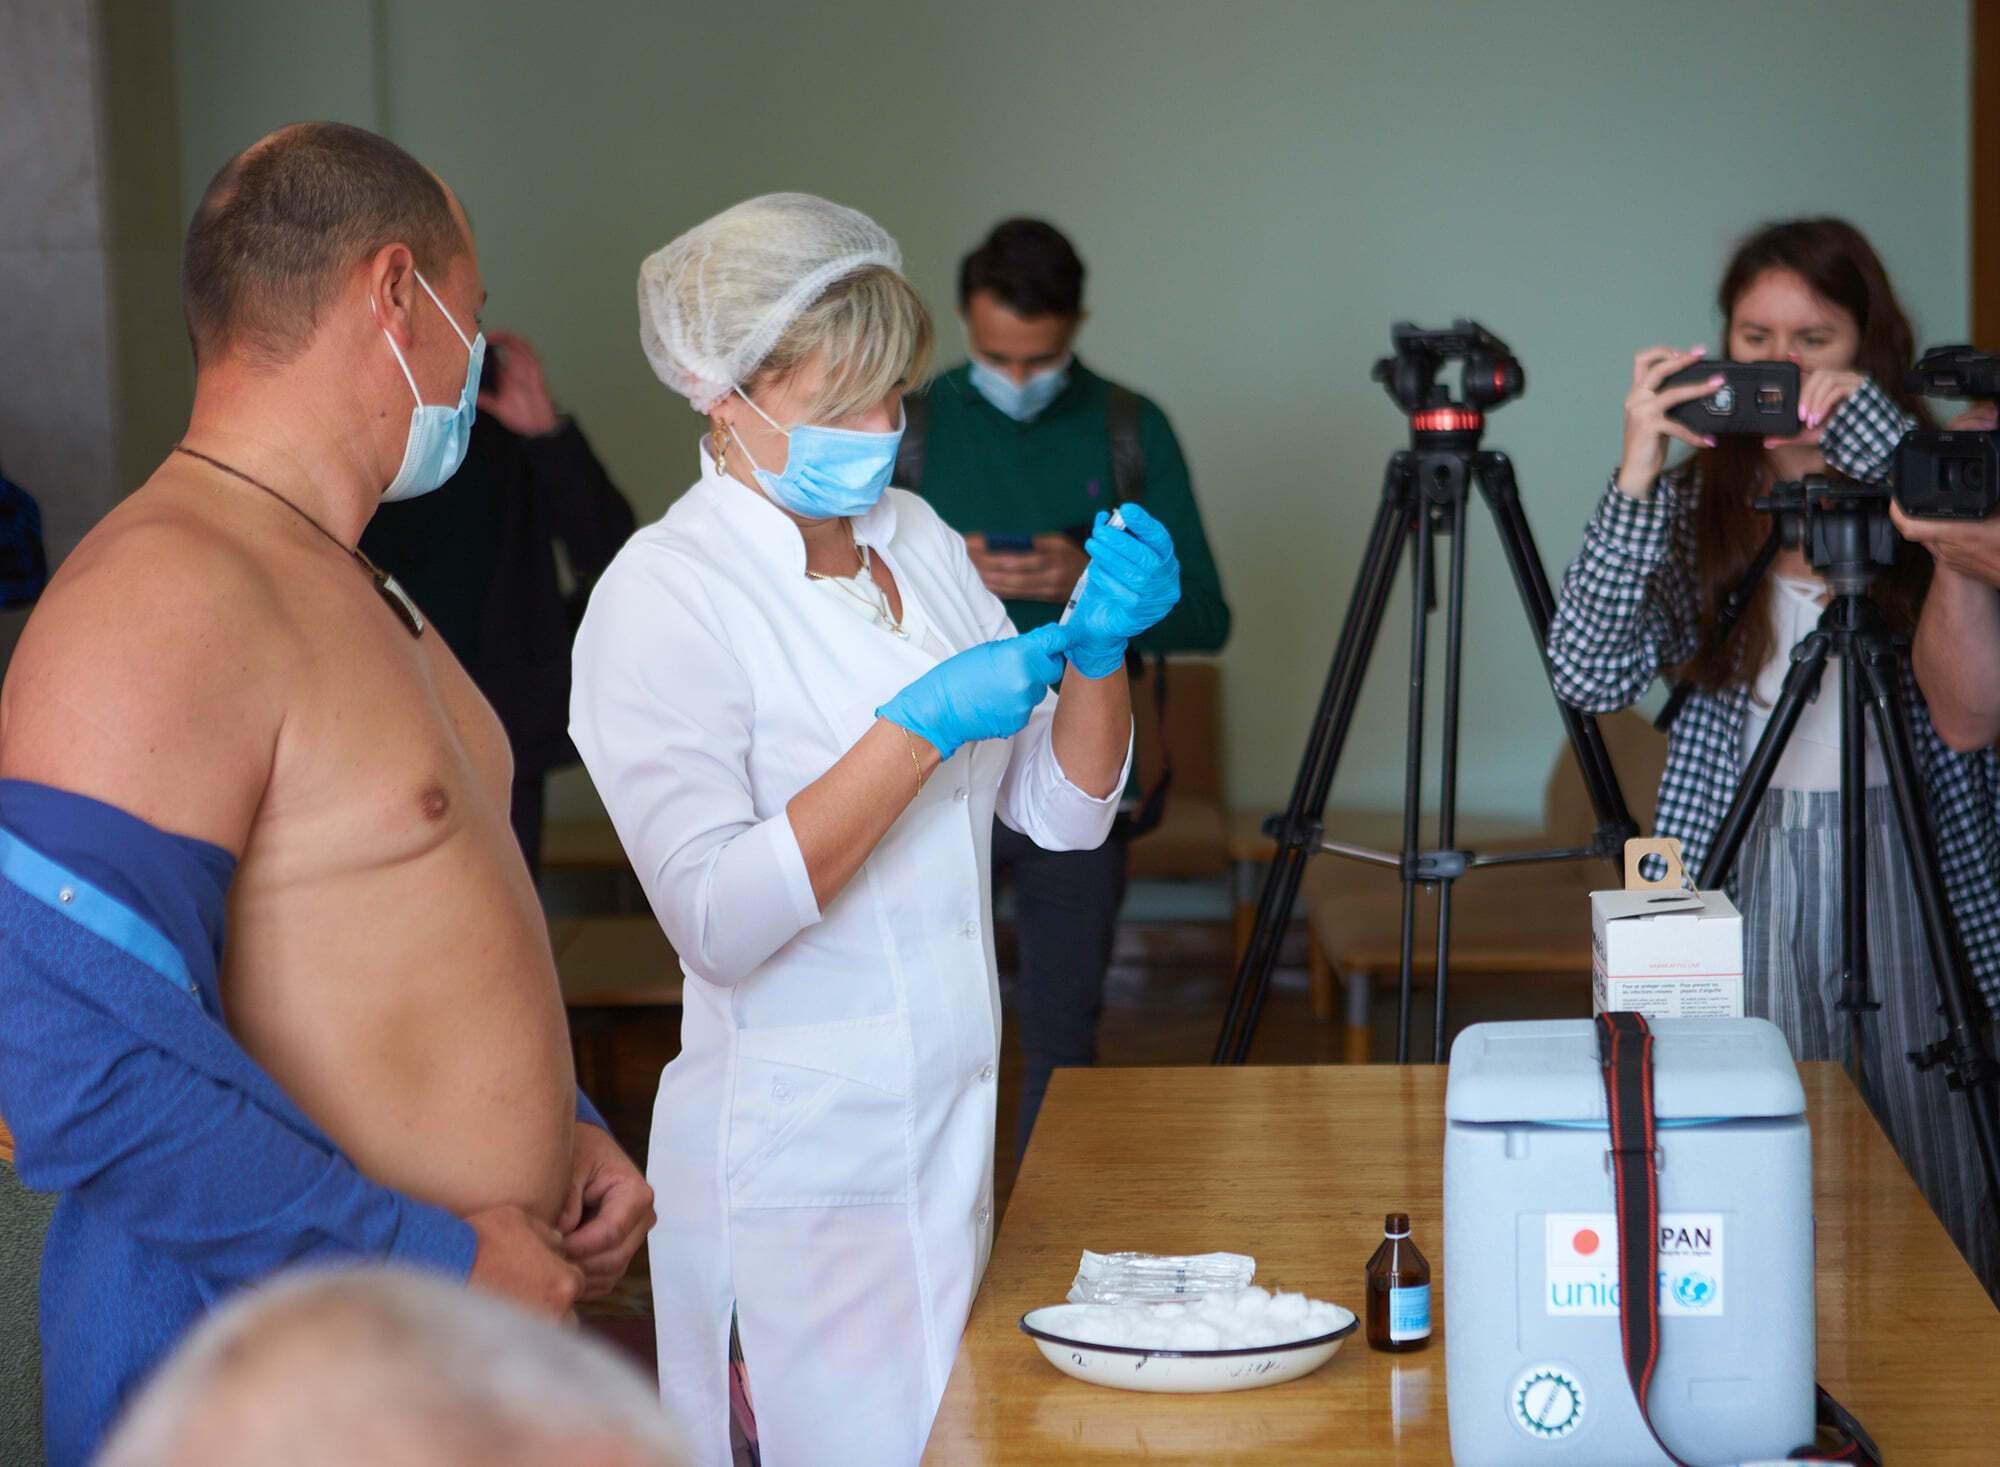 Зараз 132 пацієнти лежать у лікарнях Івано-Франківська з коронавірусом